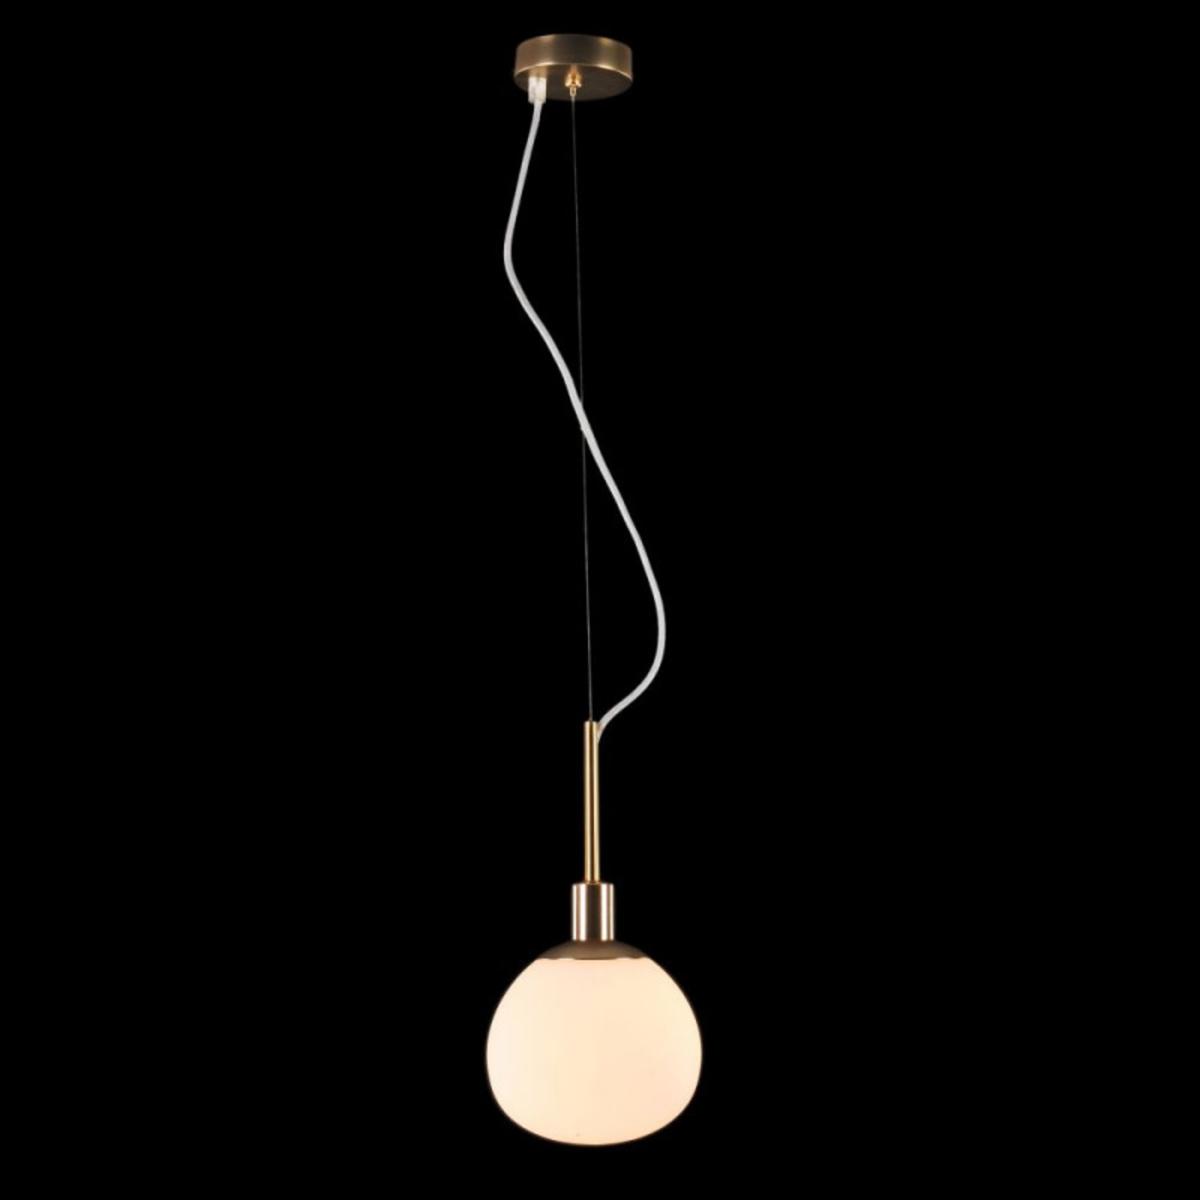 Купить Подвесной светильник Modern+MOD221 MOD221-PL-01-G, HomeMe